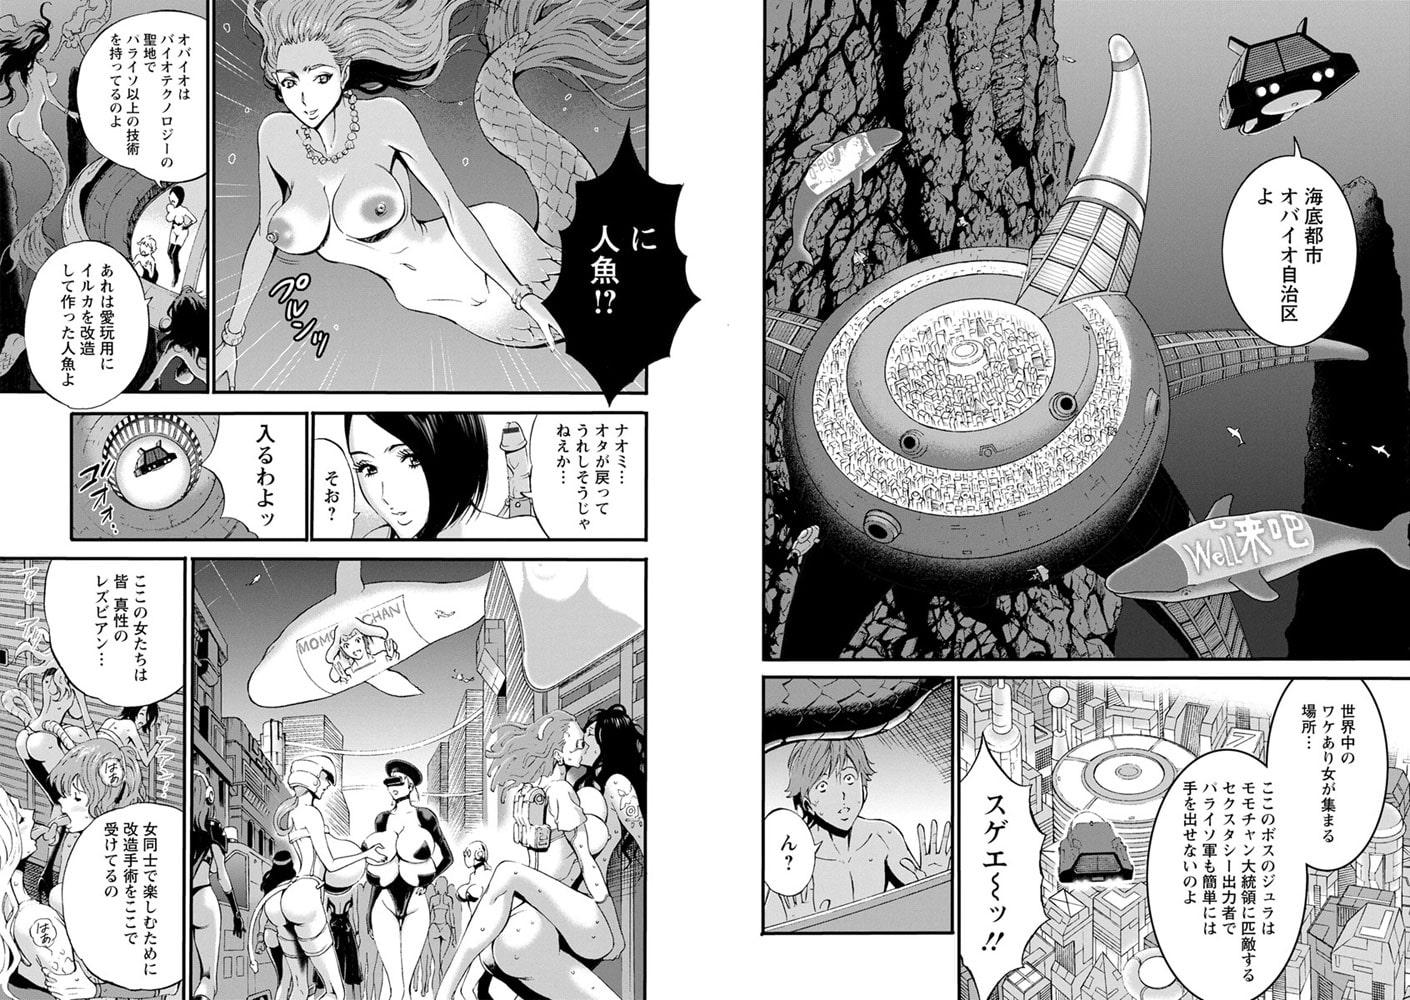 未来超乳セクスタシー 西暦2200年のオタ2